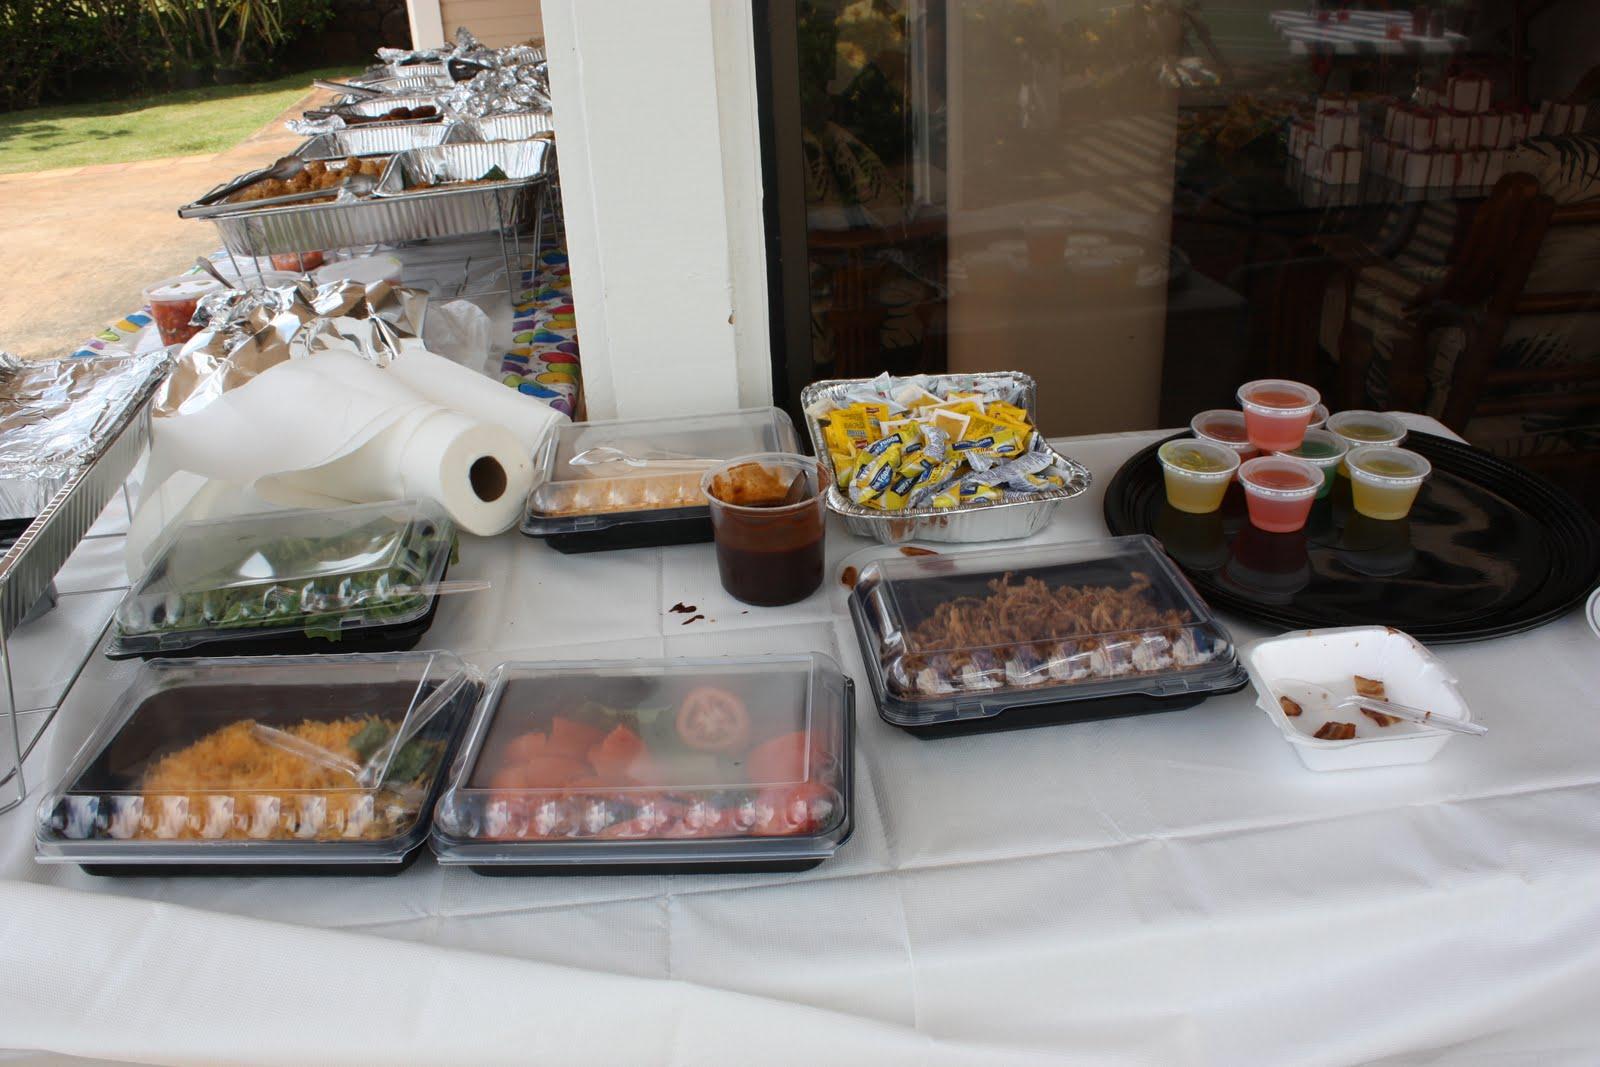 TASTE OF HAWAII: KAHAI STREET KITCHEN - CATERING BIRTHDAY PARTY